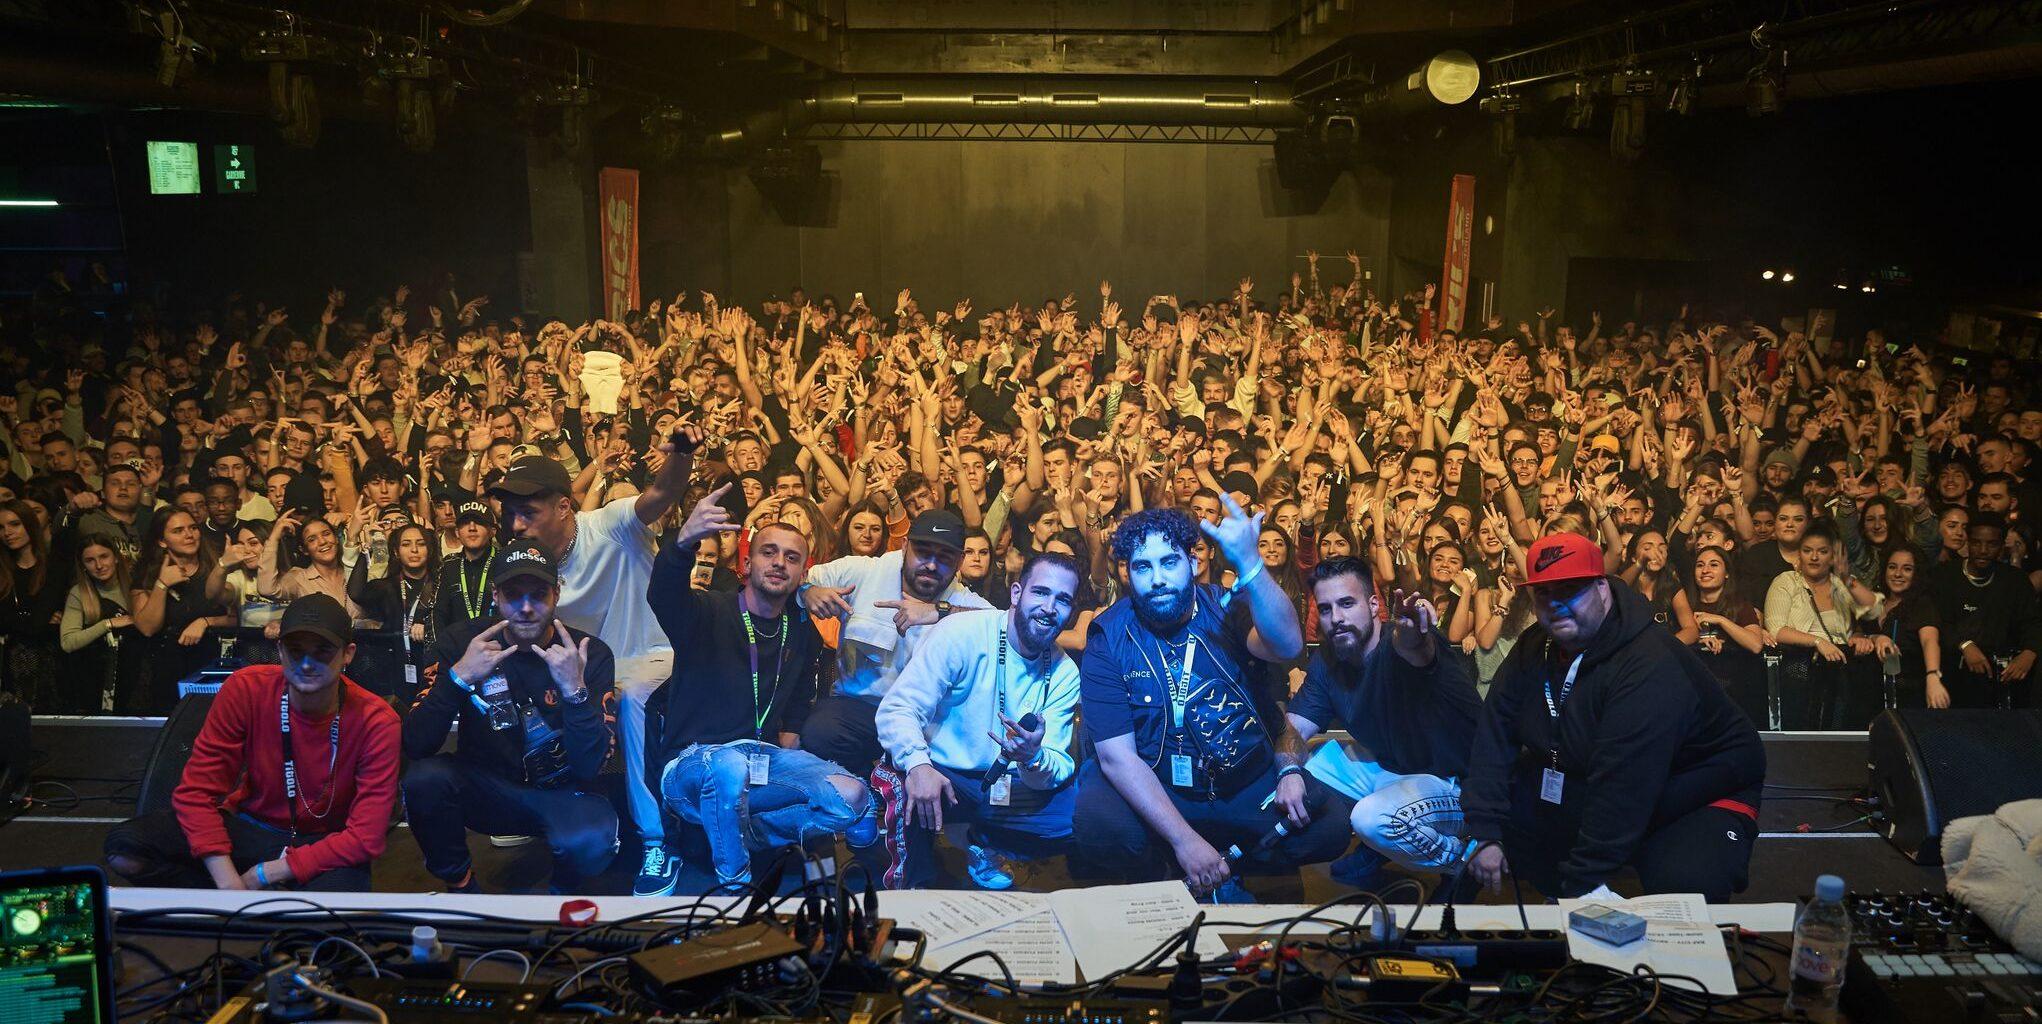 Wieso es mehr Events wie das Rap City braucht